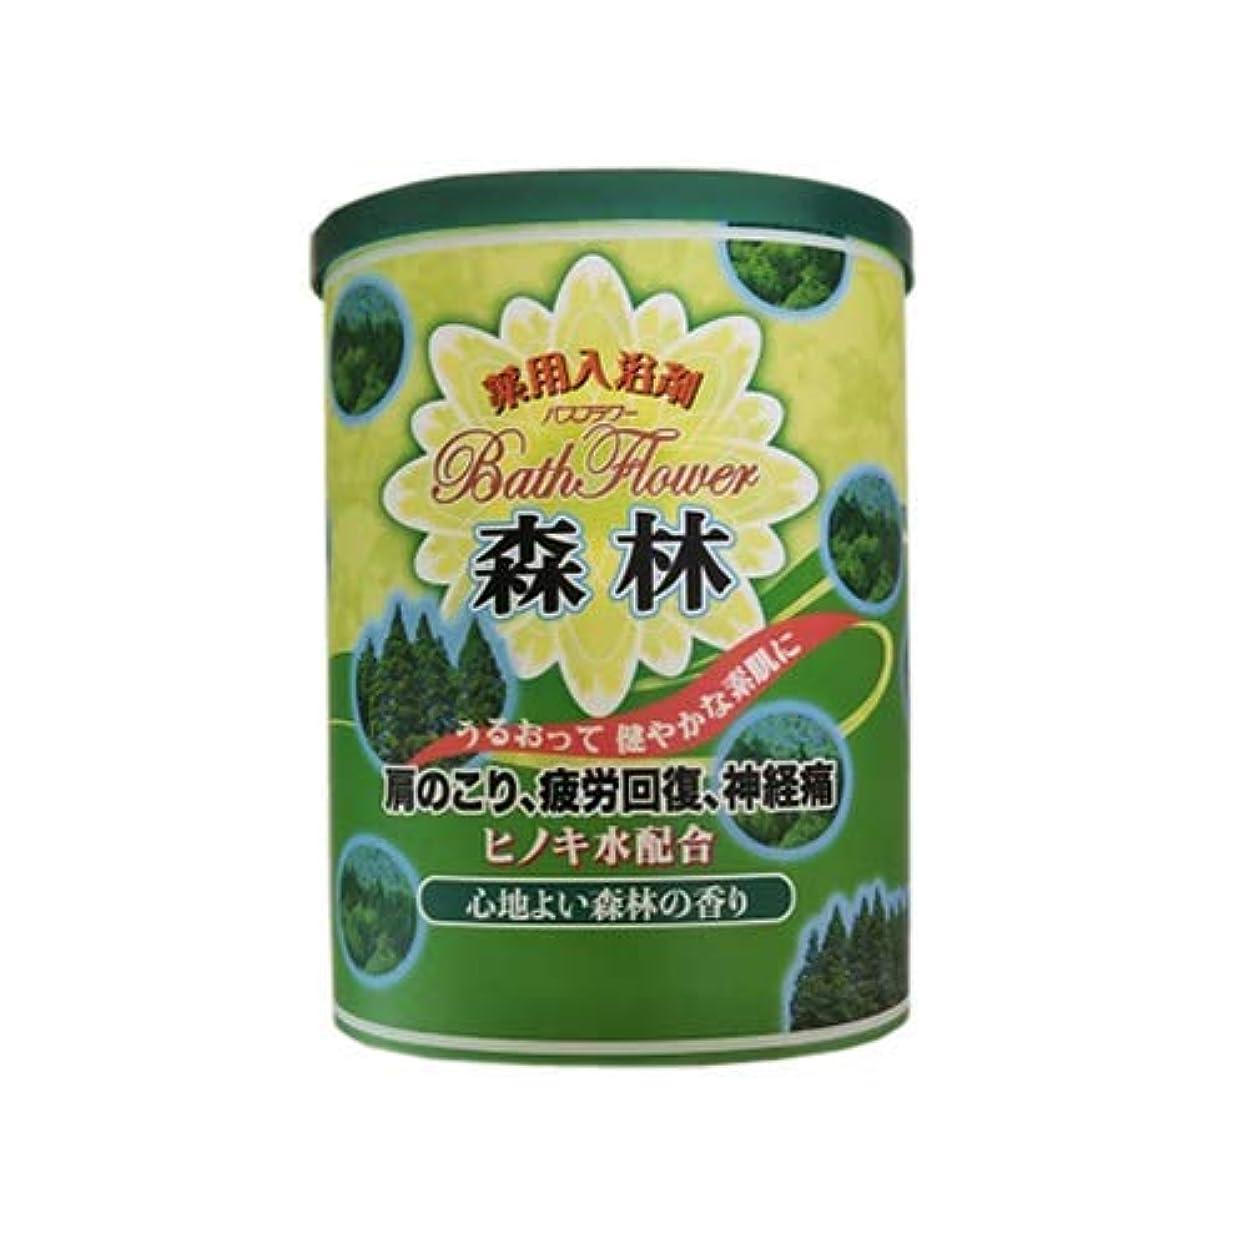 硫黄バック失礼なバスフラワー 森林 × 2個セット